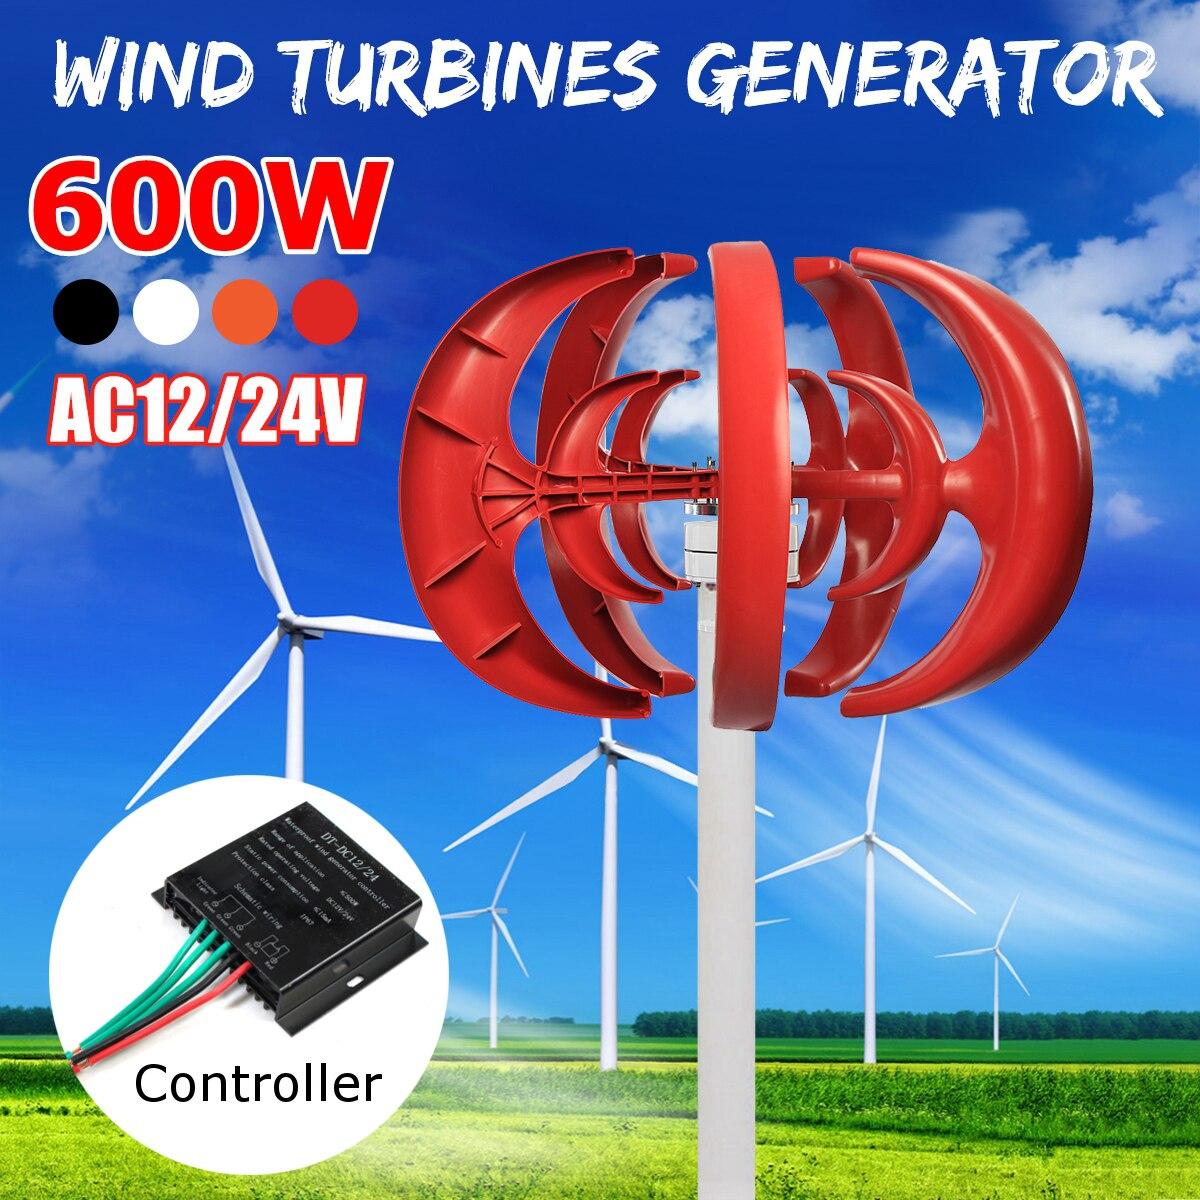 Ветер турбины макс 600 Вт DC 12 В 24 В сочетаются с 600 Вт английский ветрогенератор контроллер для дома дома гибридный Светофор Применение